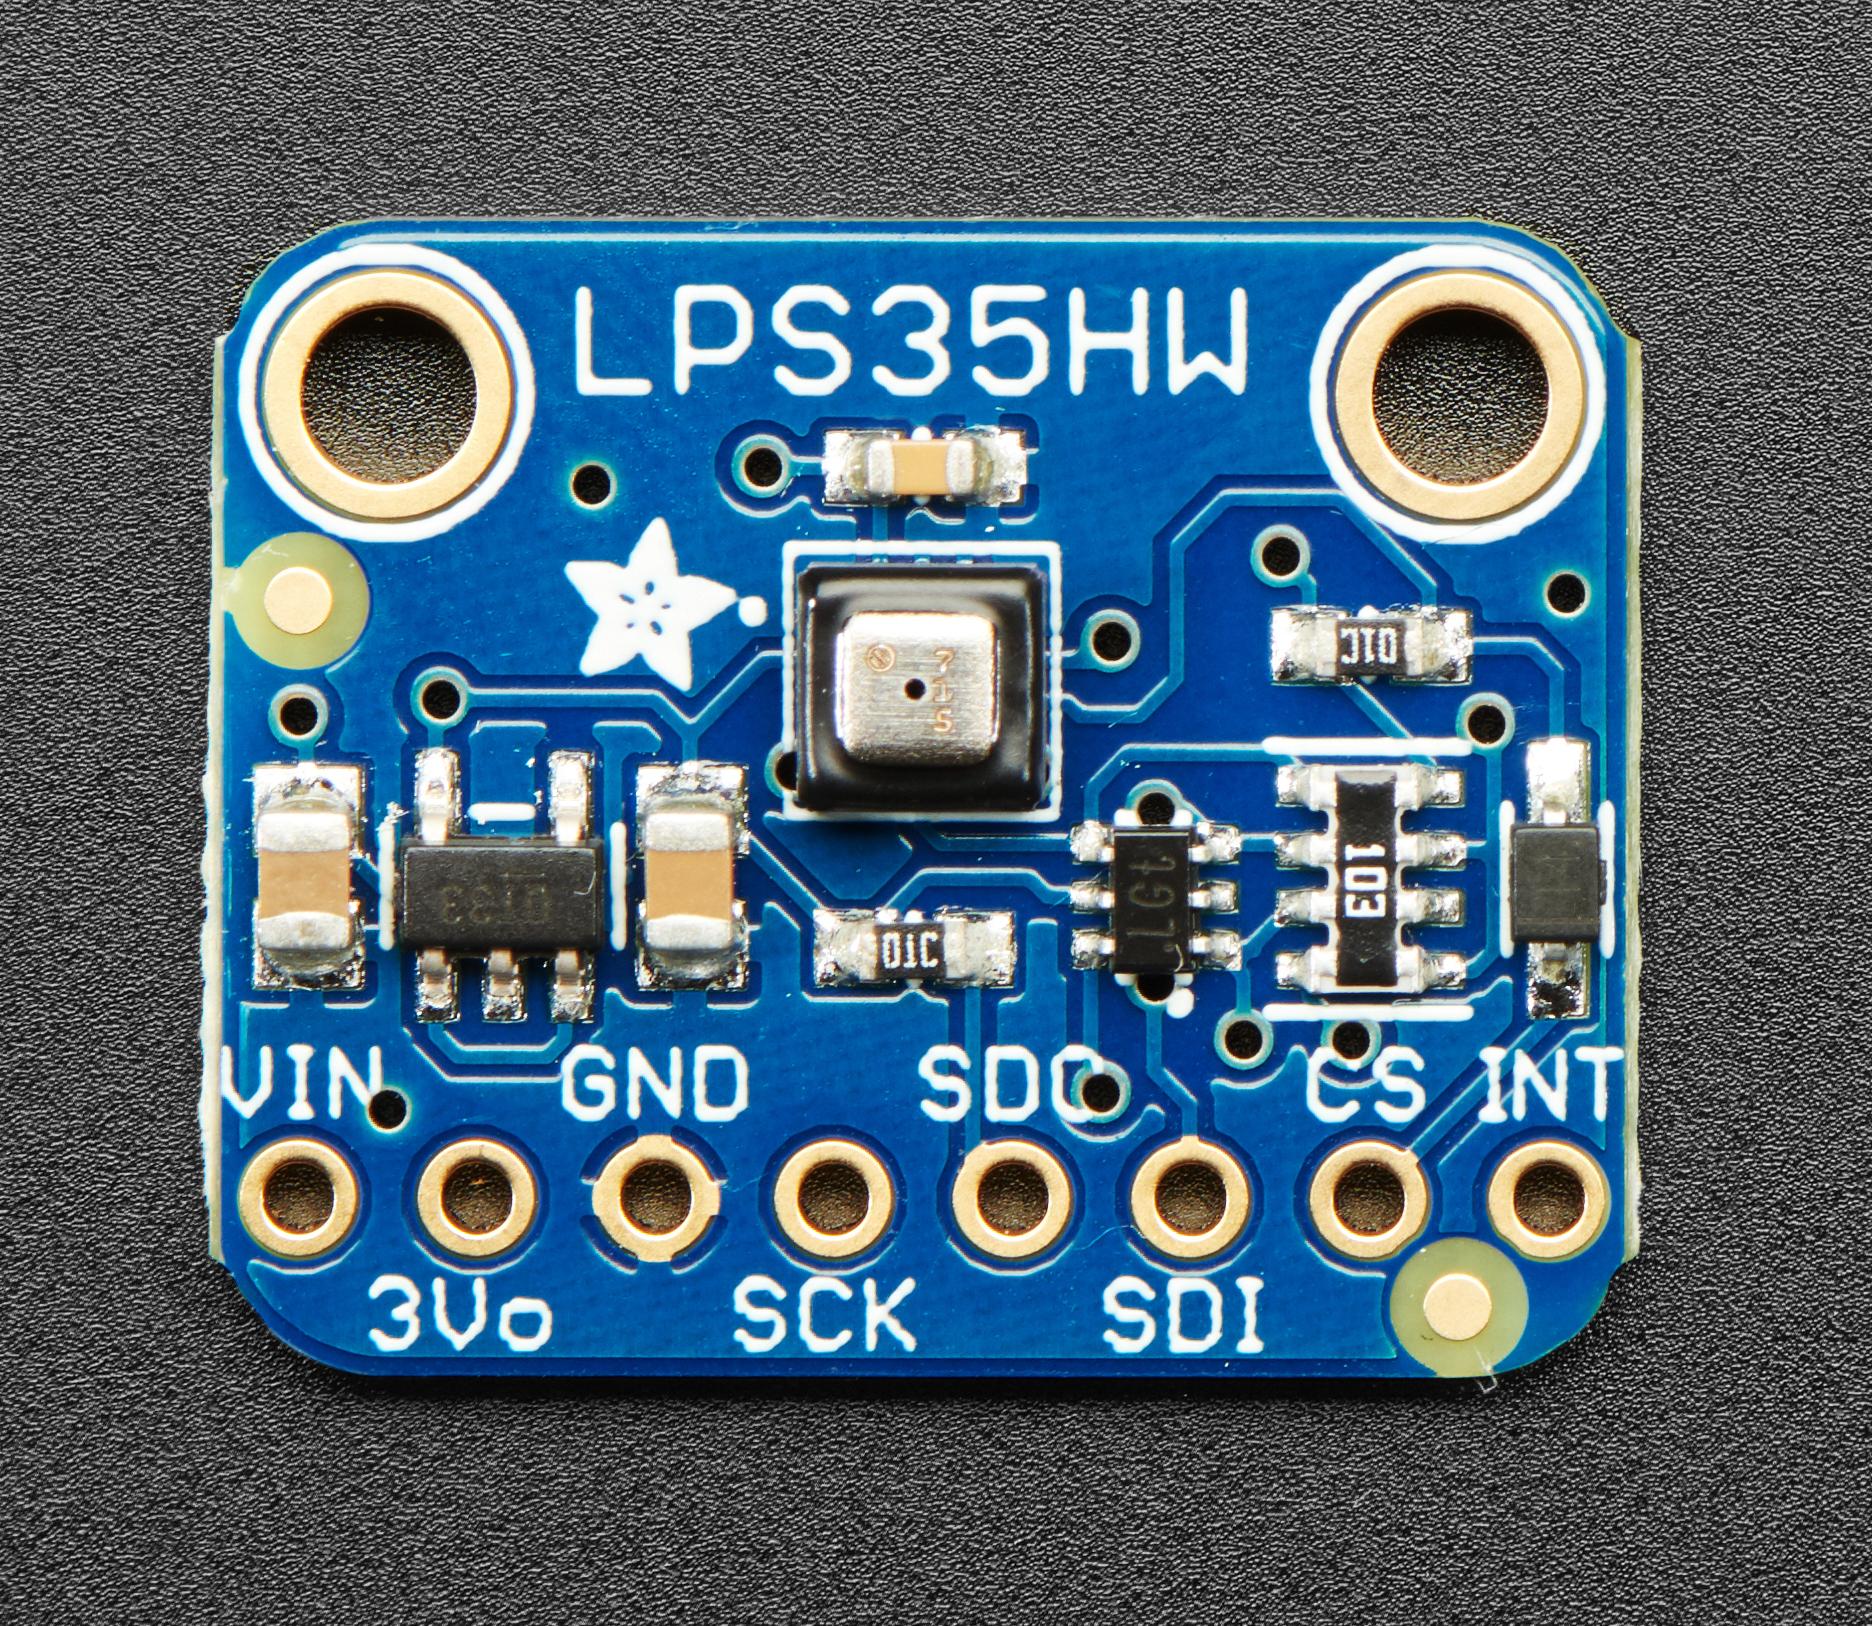 sensors_lps35hw_top_crop.jpg